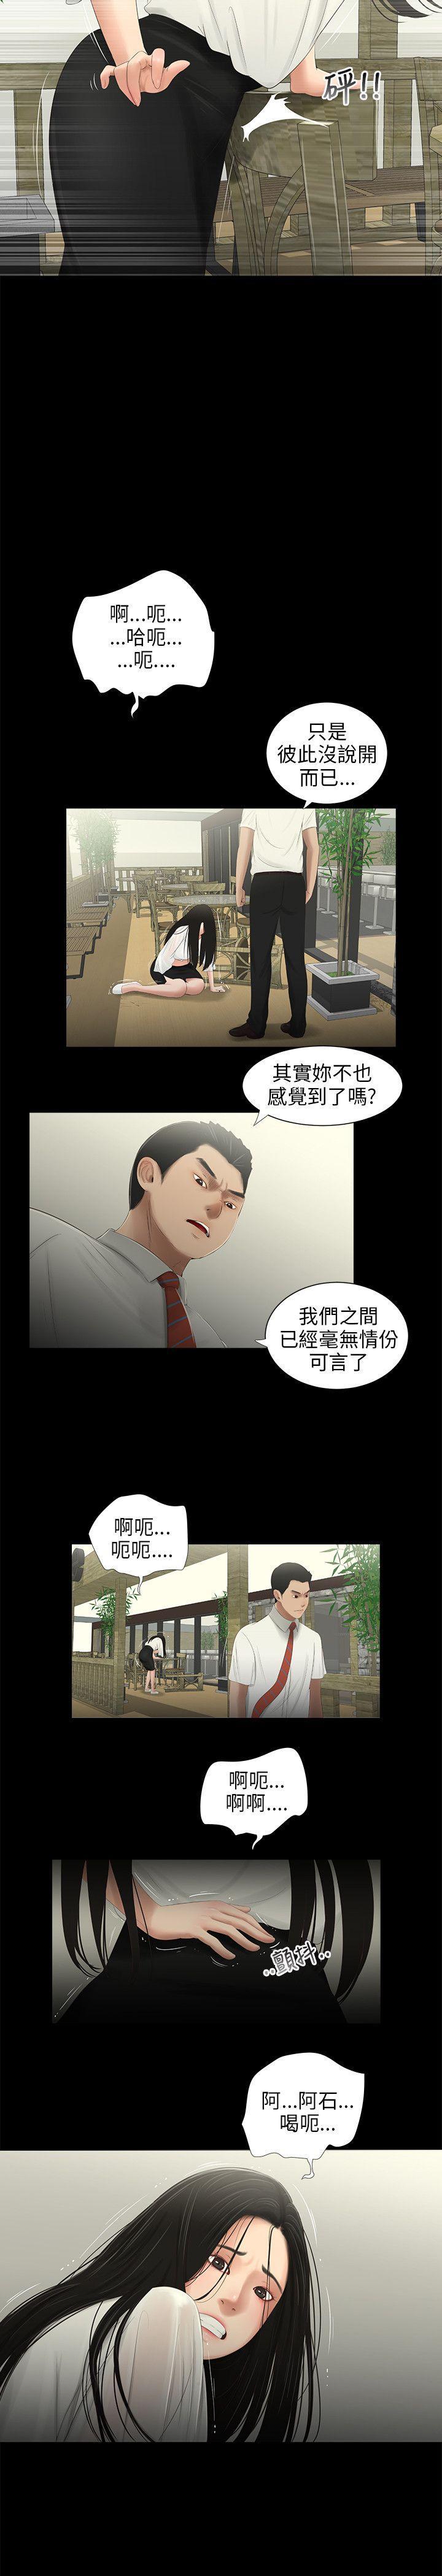 三姐妹 47-50 Chinese 35